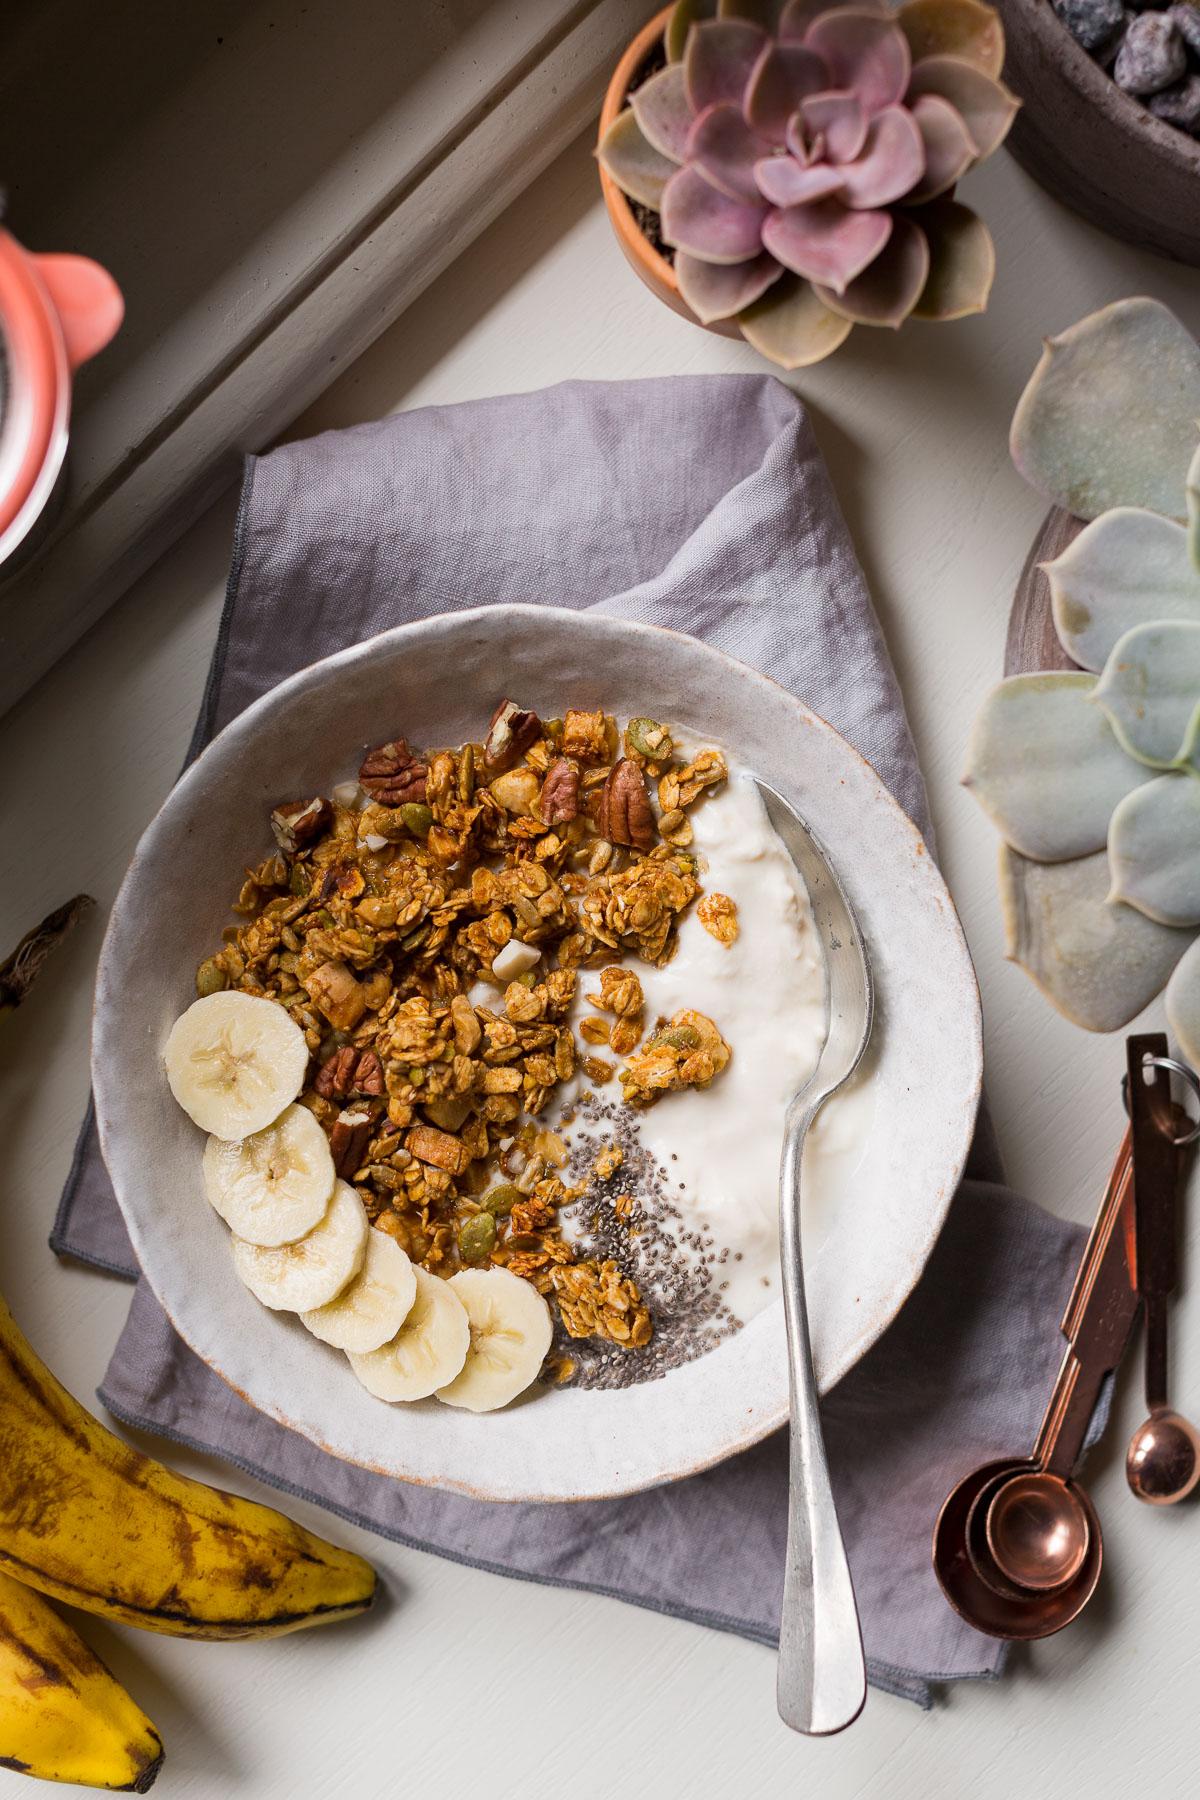 ricetta BANANA BREAD GRANOLA VEGAN senza glutine con sciroppo d acero #granola light simple VEGAN glutenfree banana bread #granola